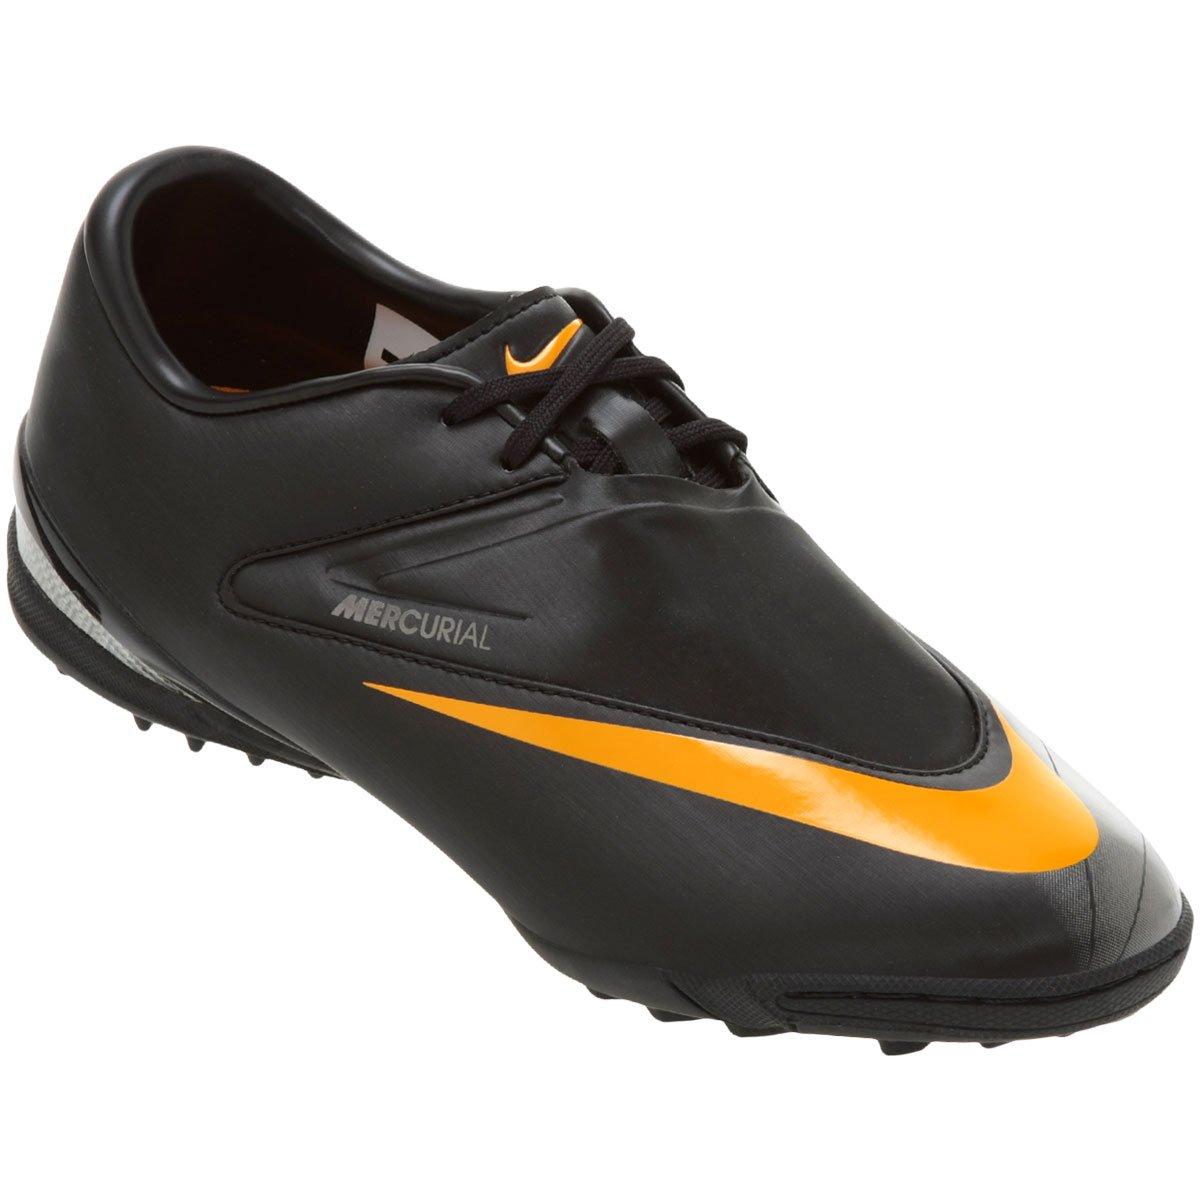 Chuteira Nike Mercurial Glide TF - Compre Agora  04c0becec155c